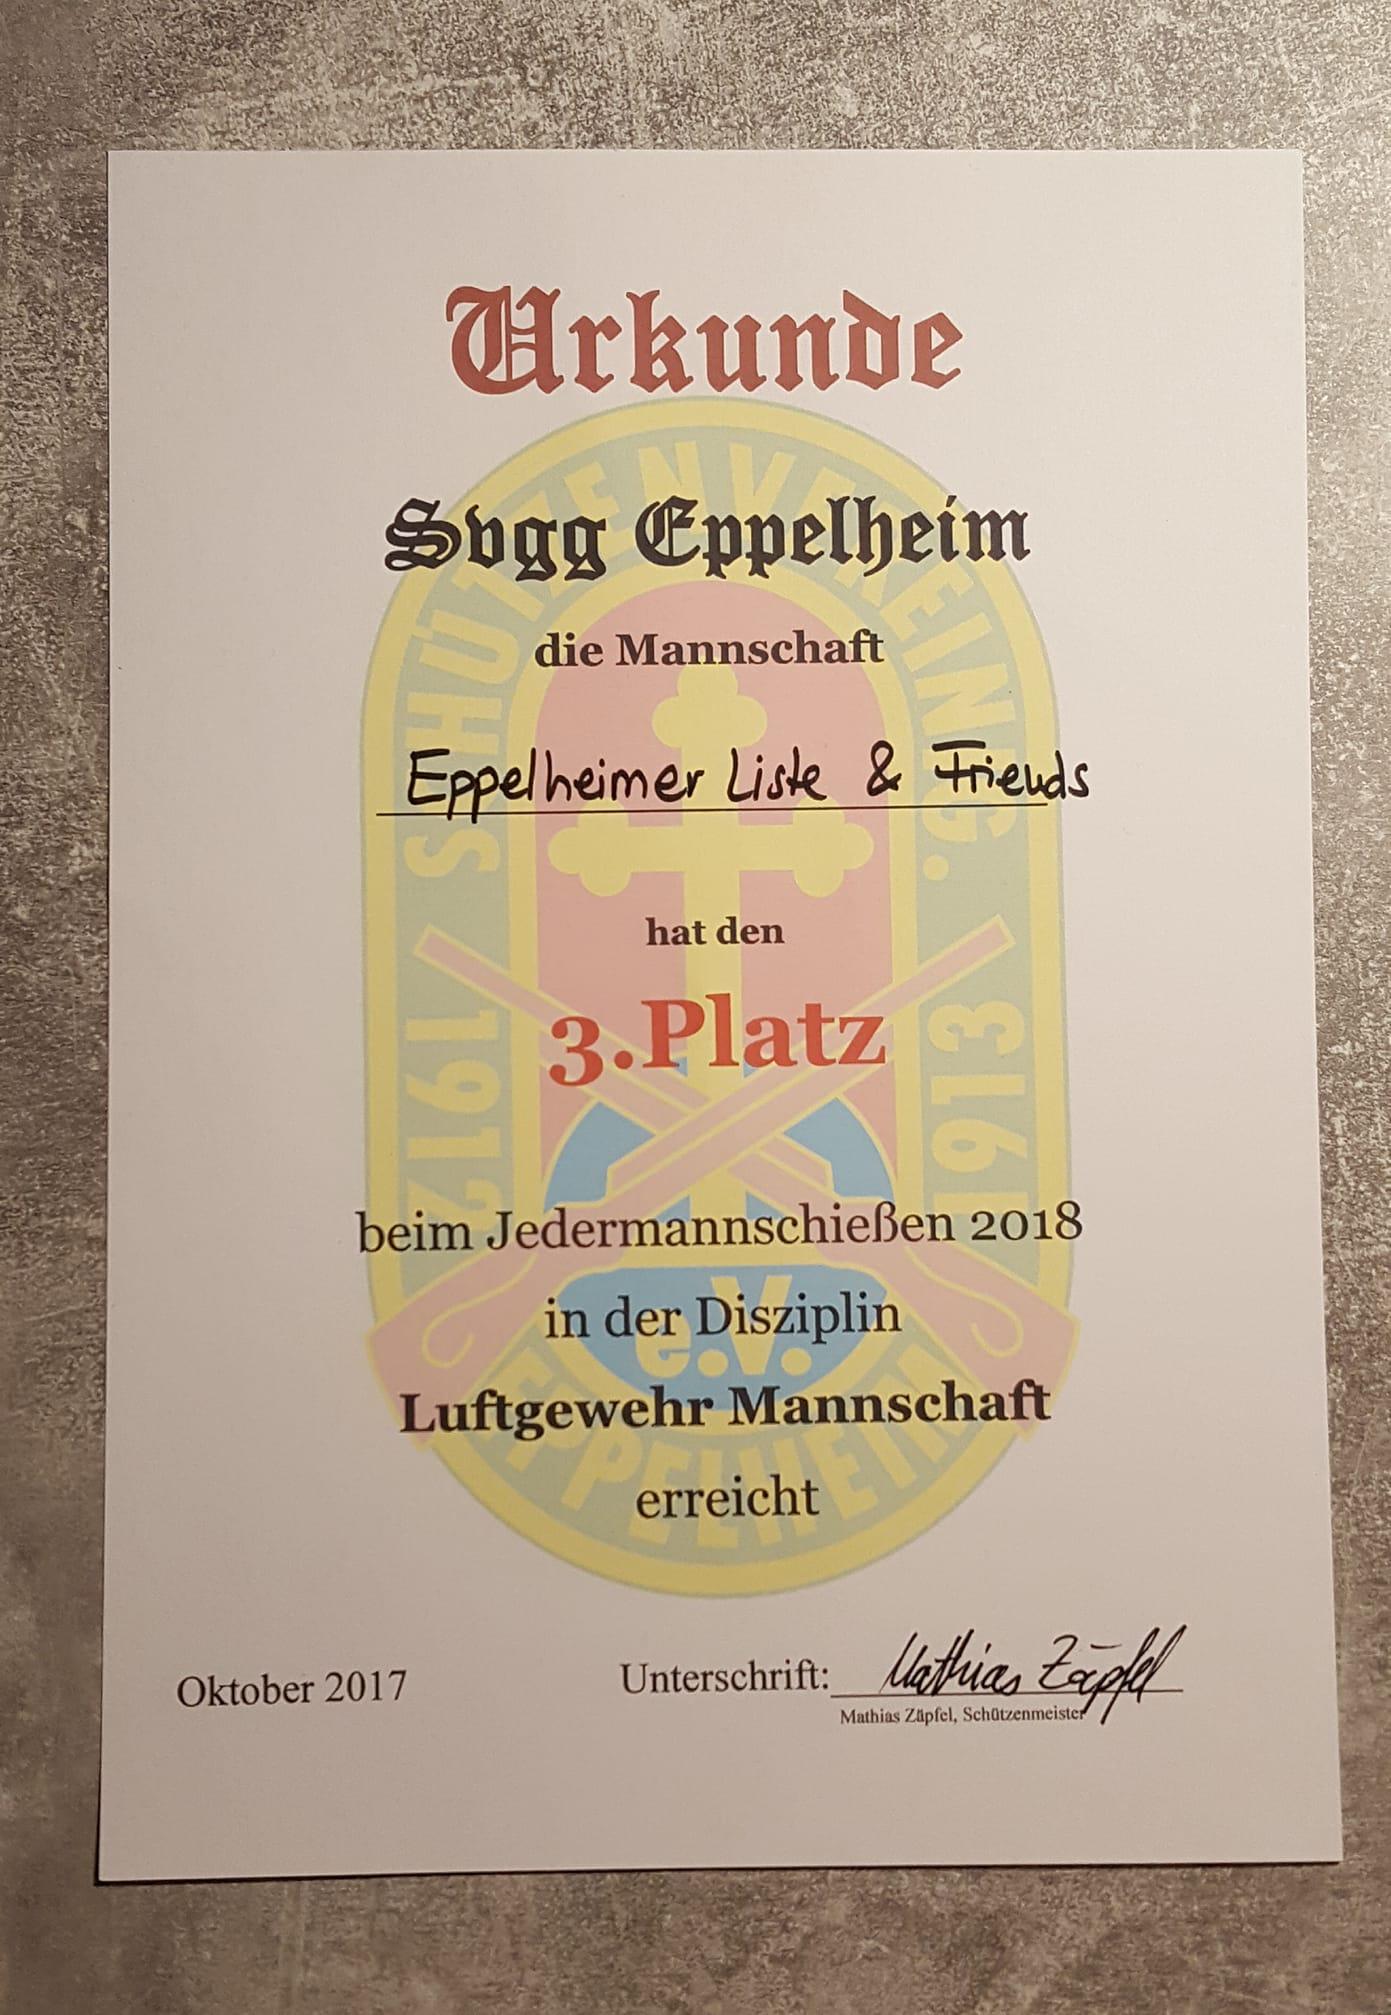 Eppelheimer Liste and Friends: Urkunde 3. Platz beim Jedermannschießen